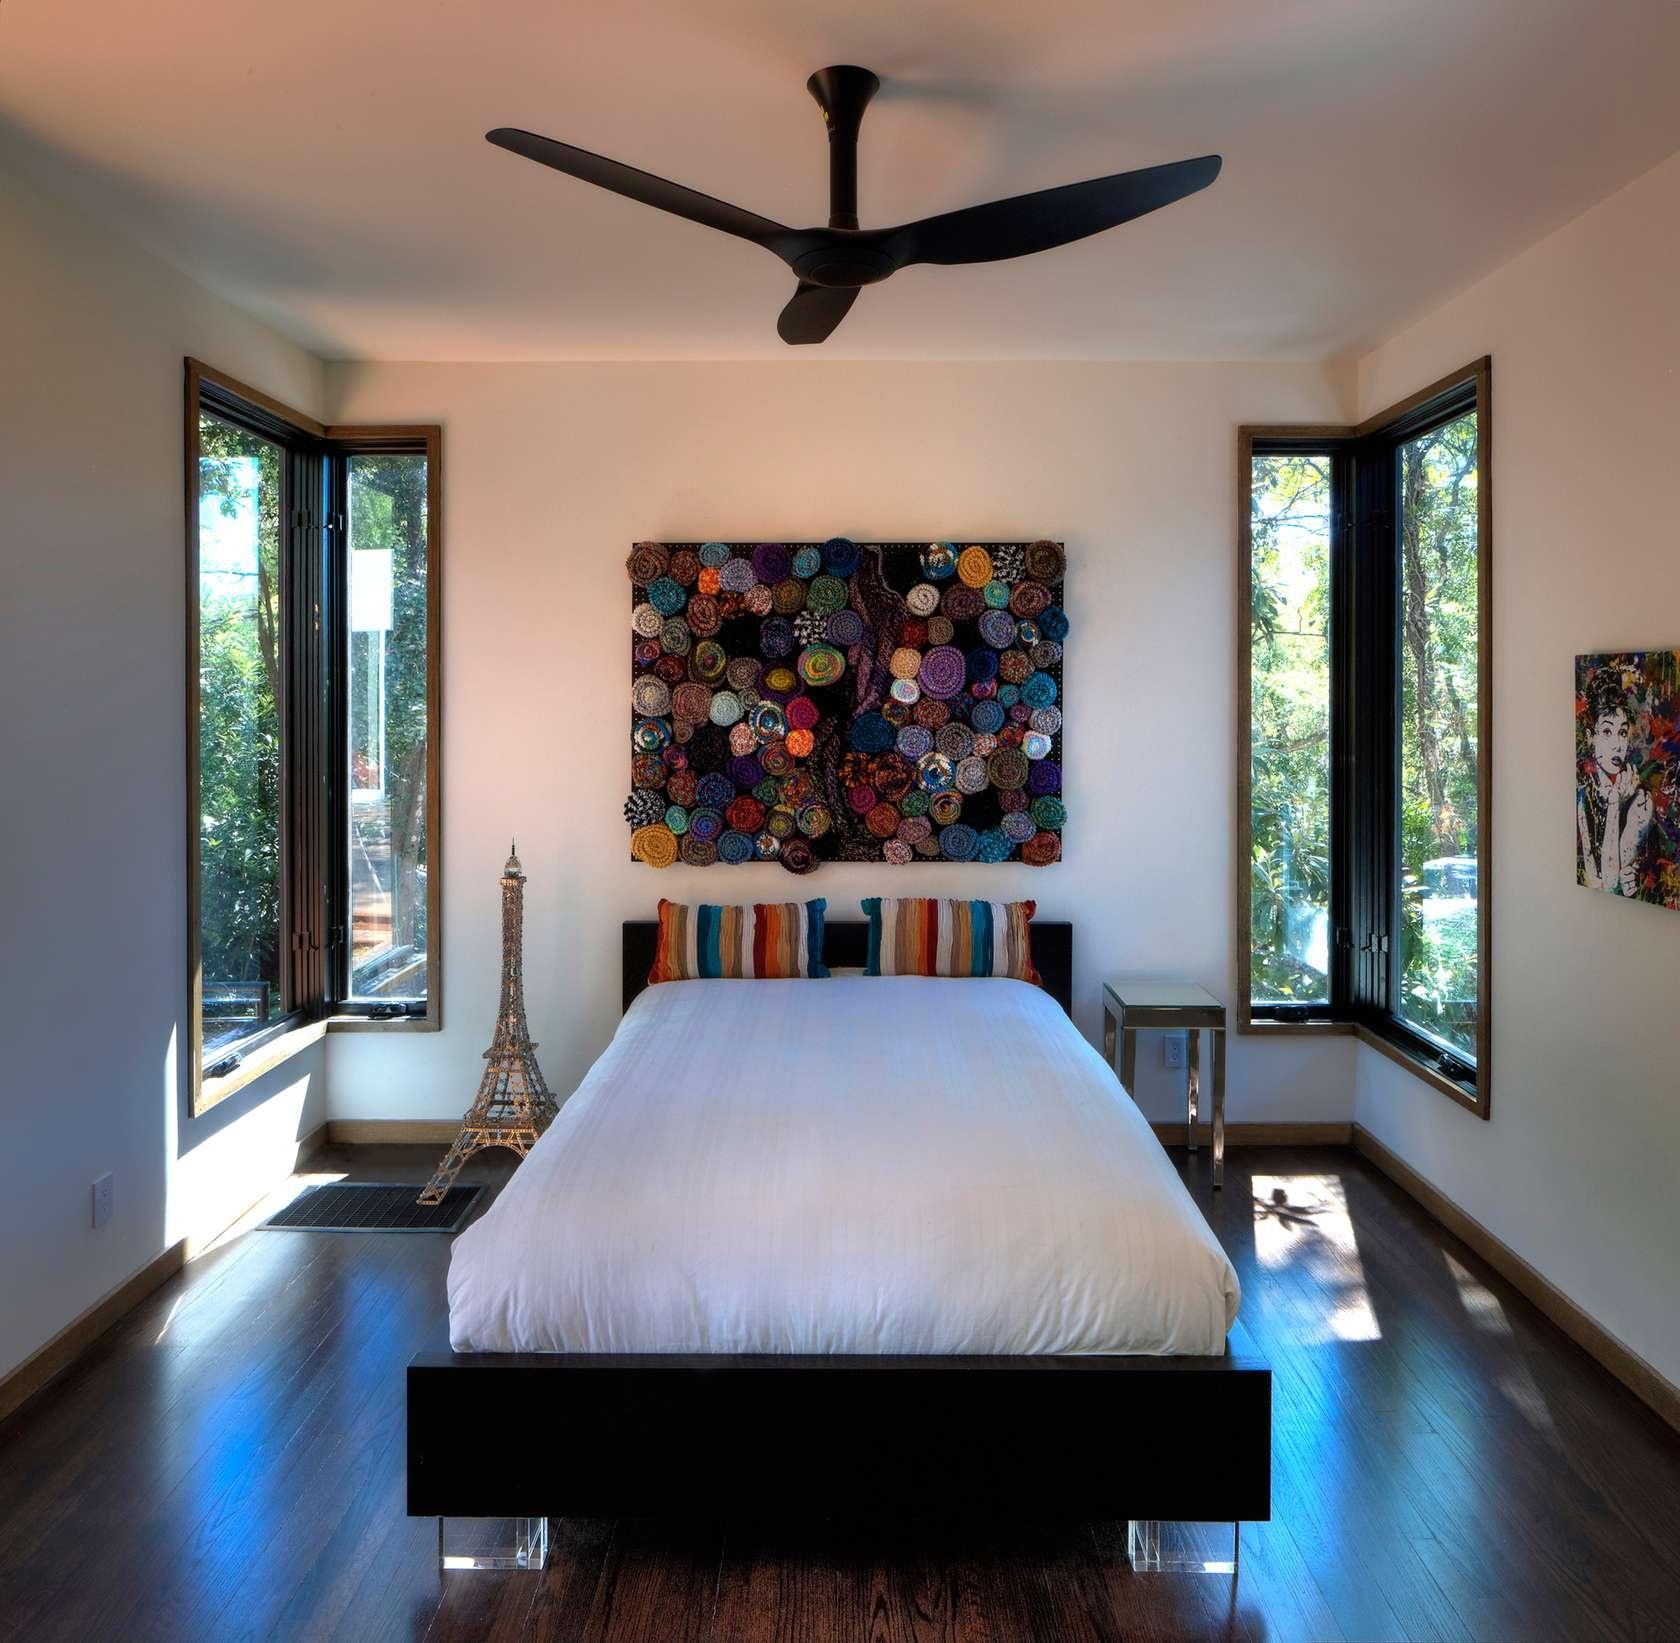 Ďalšia spálňa je tiež vystavaná z tých istých prvkov. Jednoduchého zariadenia a výrazných doplnkov - obrazov. V tomto prípade koláž z farebných vĺn a portrét Audrey Hepburnovej na pestro pomaľovanom pozadí.